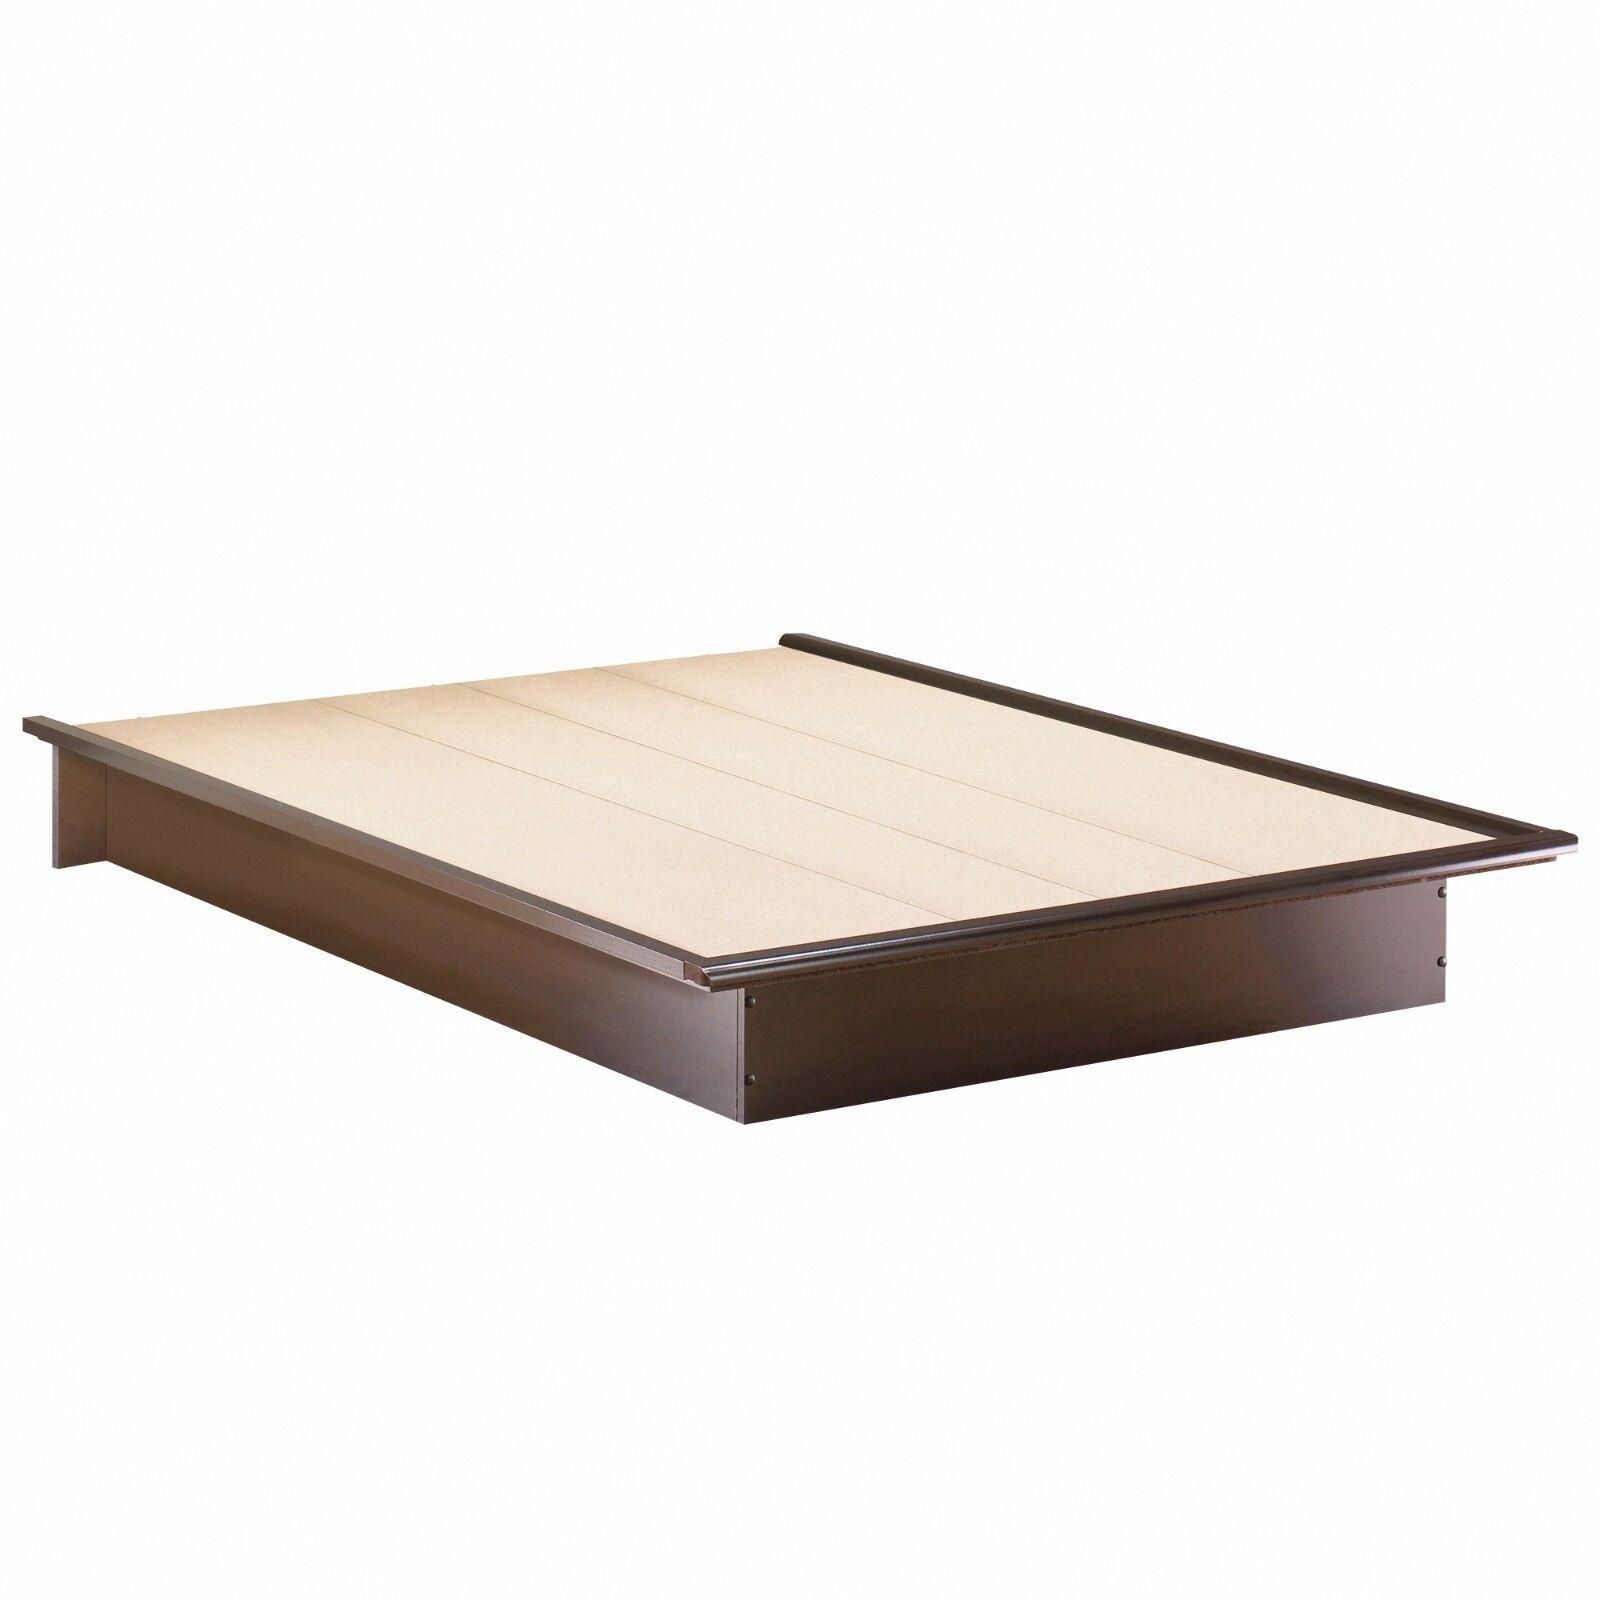 renovate platform storage bed frame